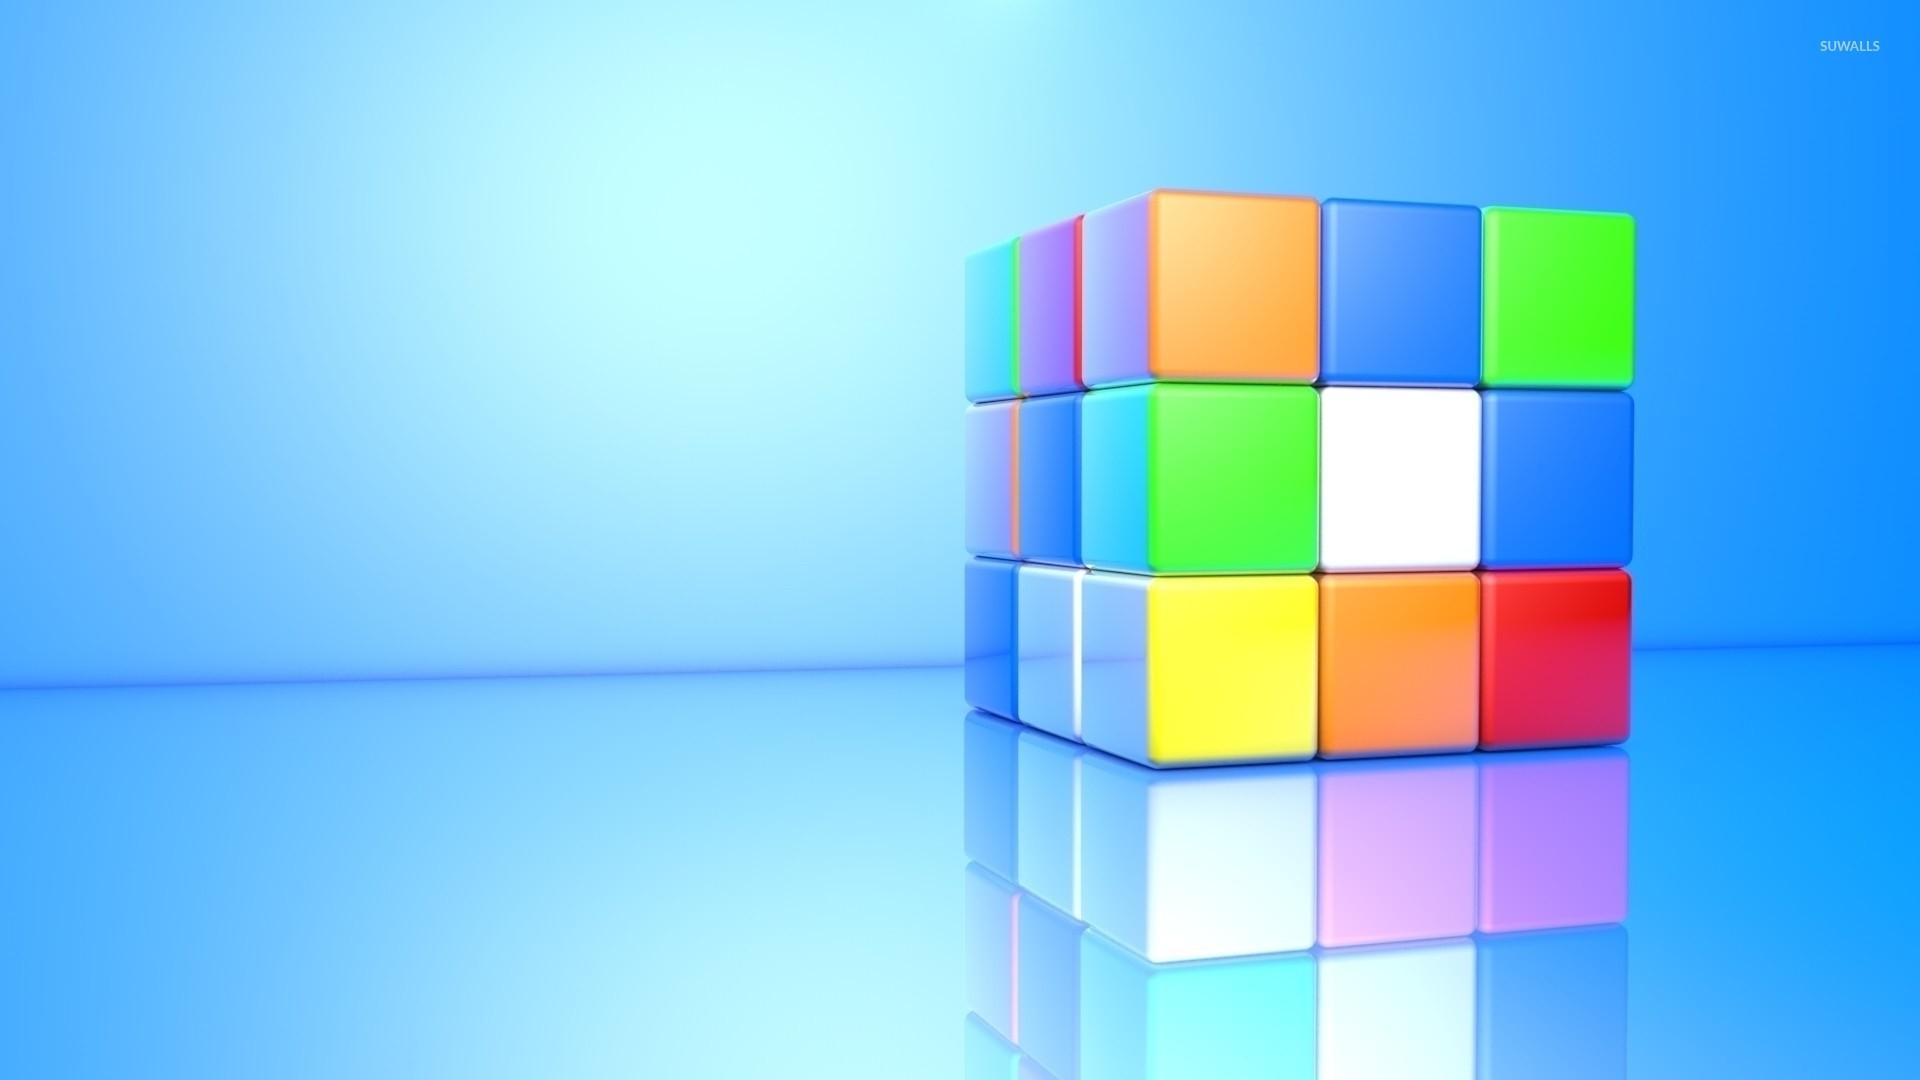 Colorful 3D Rubik's Cube wallpaper jpg